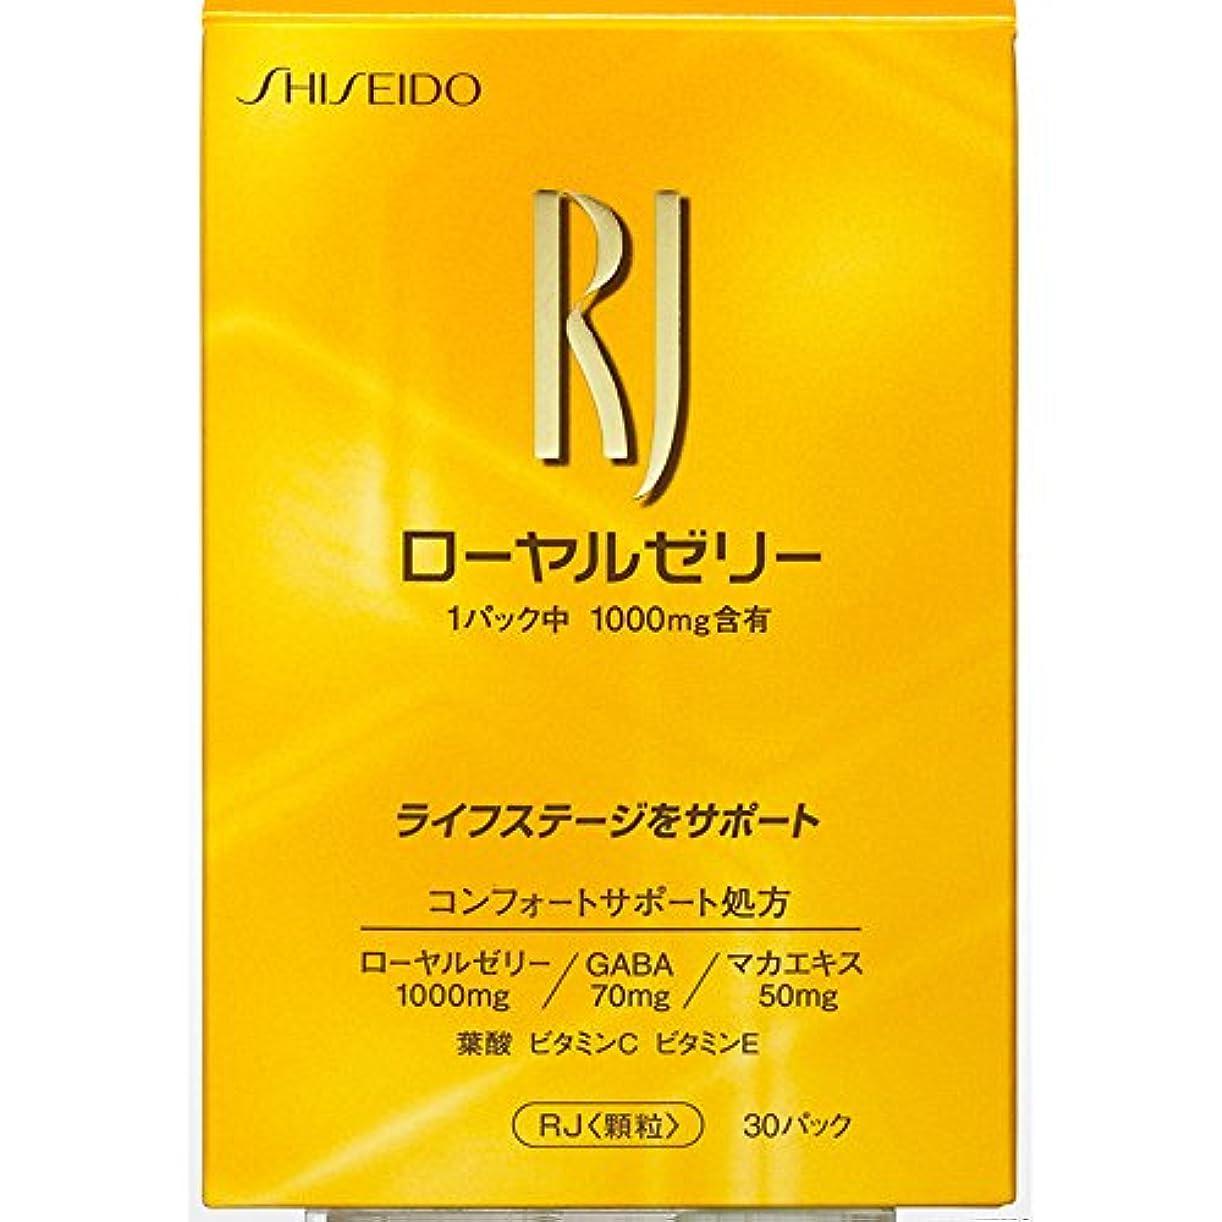 参加するマート不適切なRJ(ローヤルゼリー) < 顆粒 > (N) 1.5gX30パック